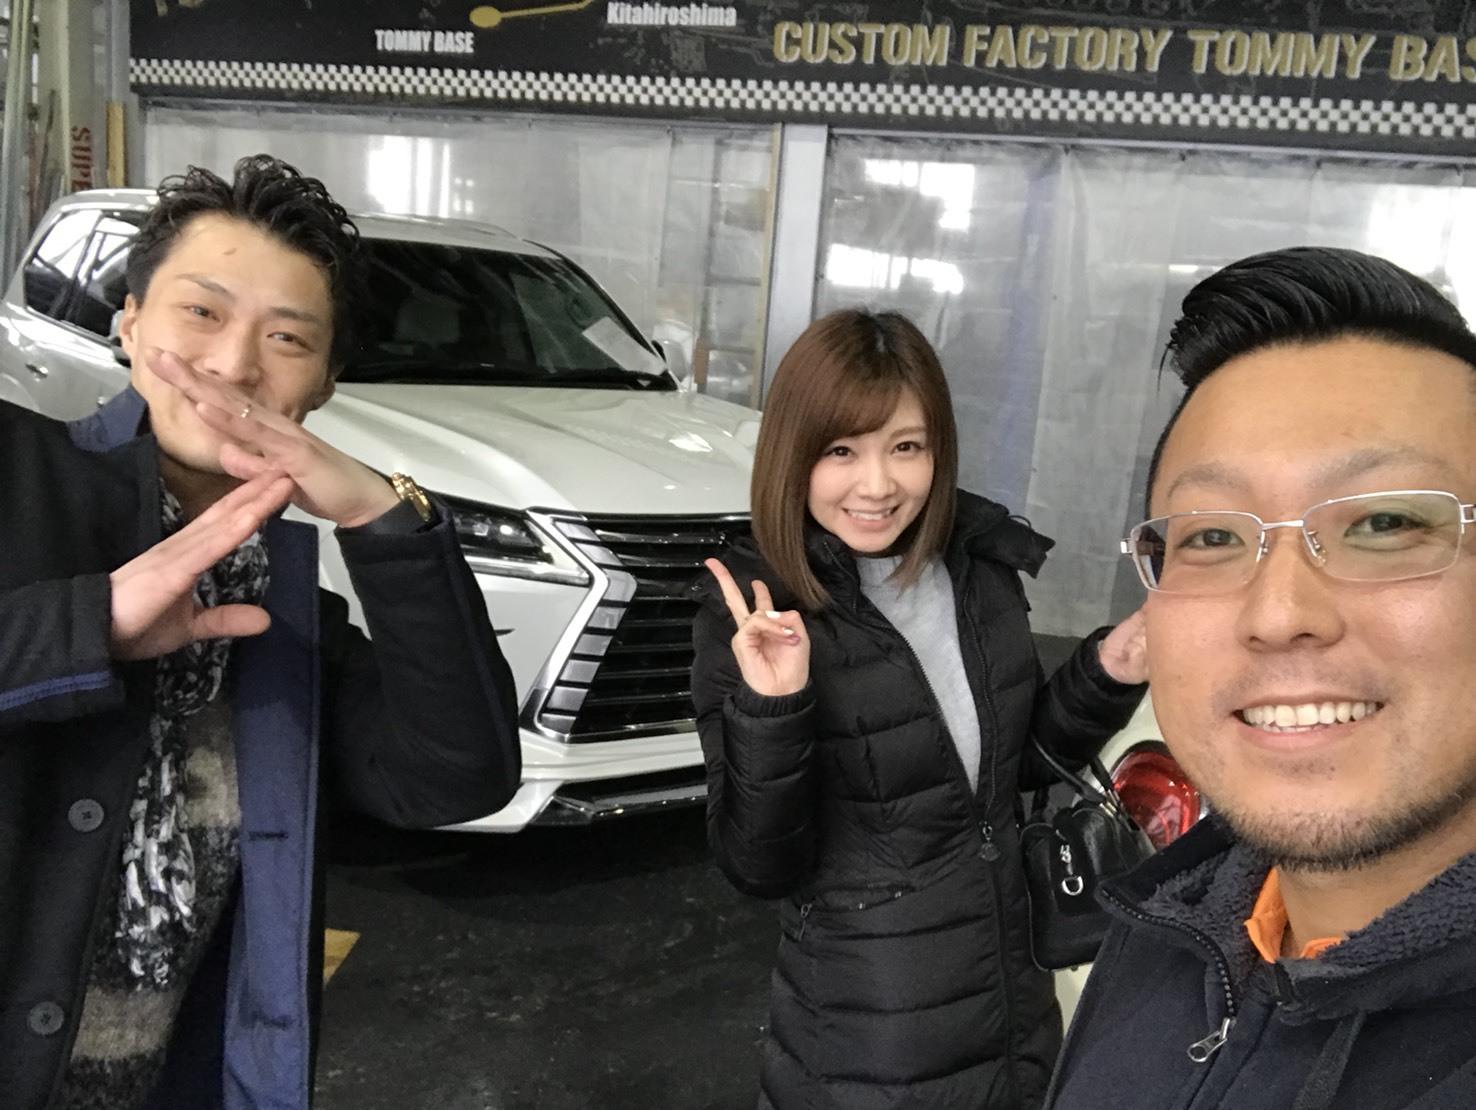 2月26日(月)トミーベース カスタムブログ☆新型QX802台入庫確定☆LS460後期AWD LS600hLエグゼクティブPKGもご紹介していきます☆_b0127002_11295418.jpg